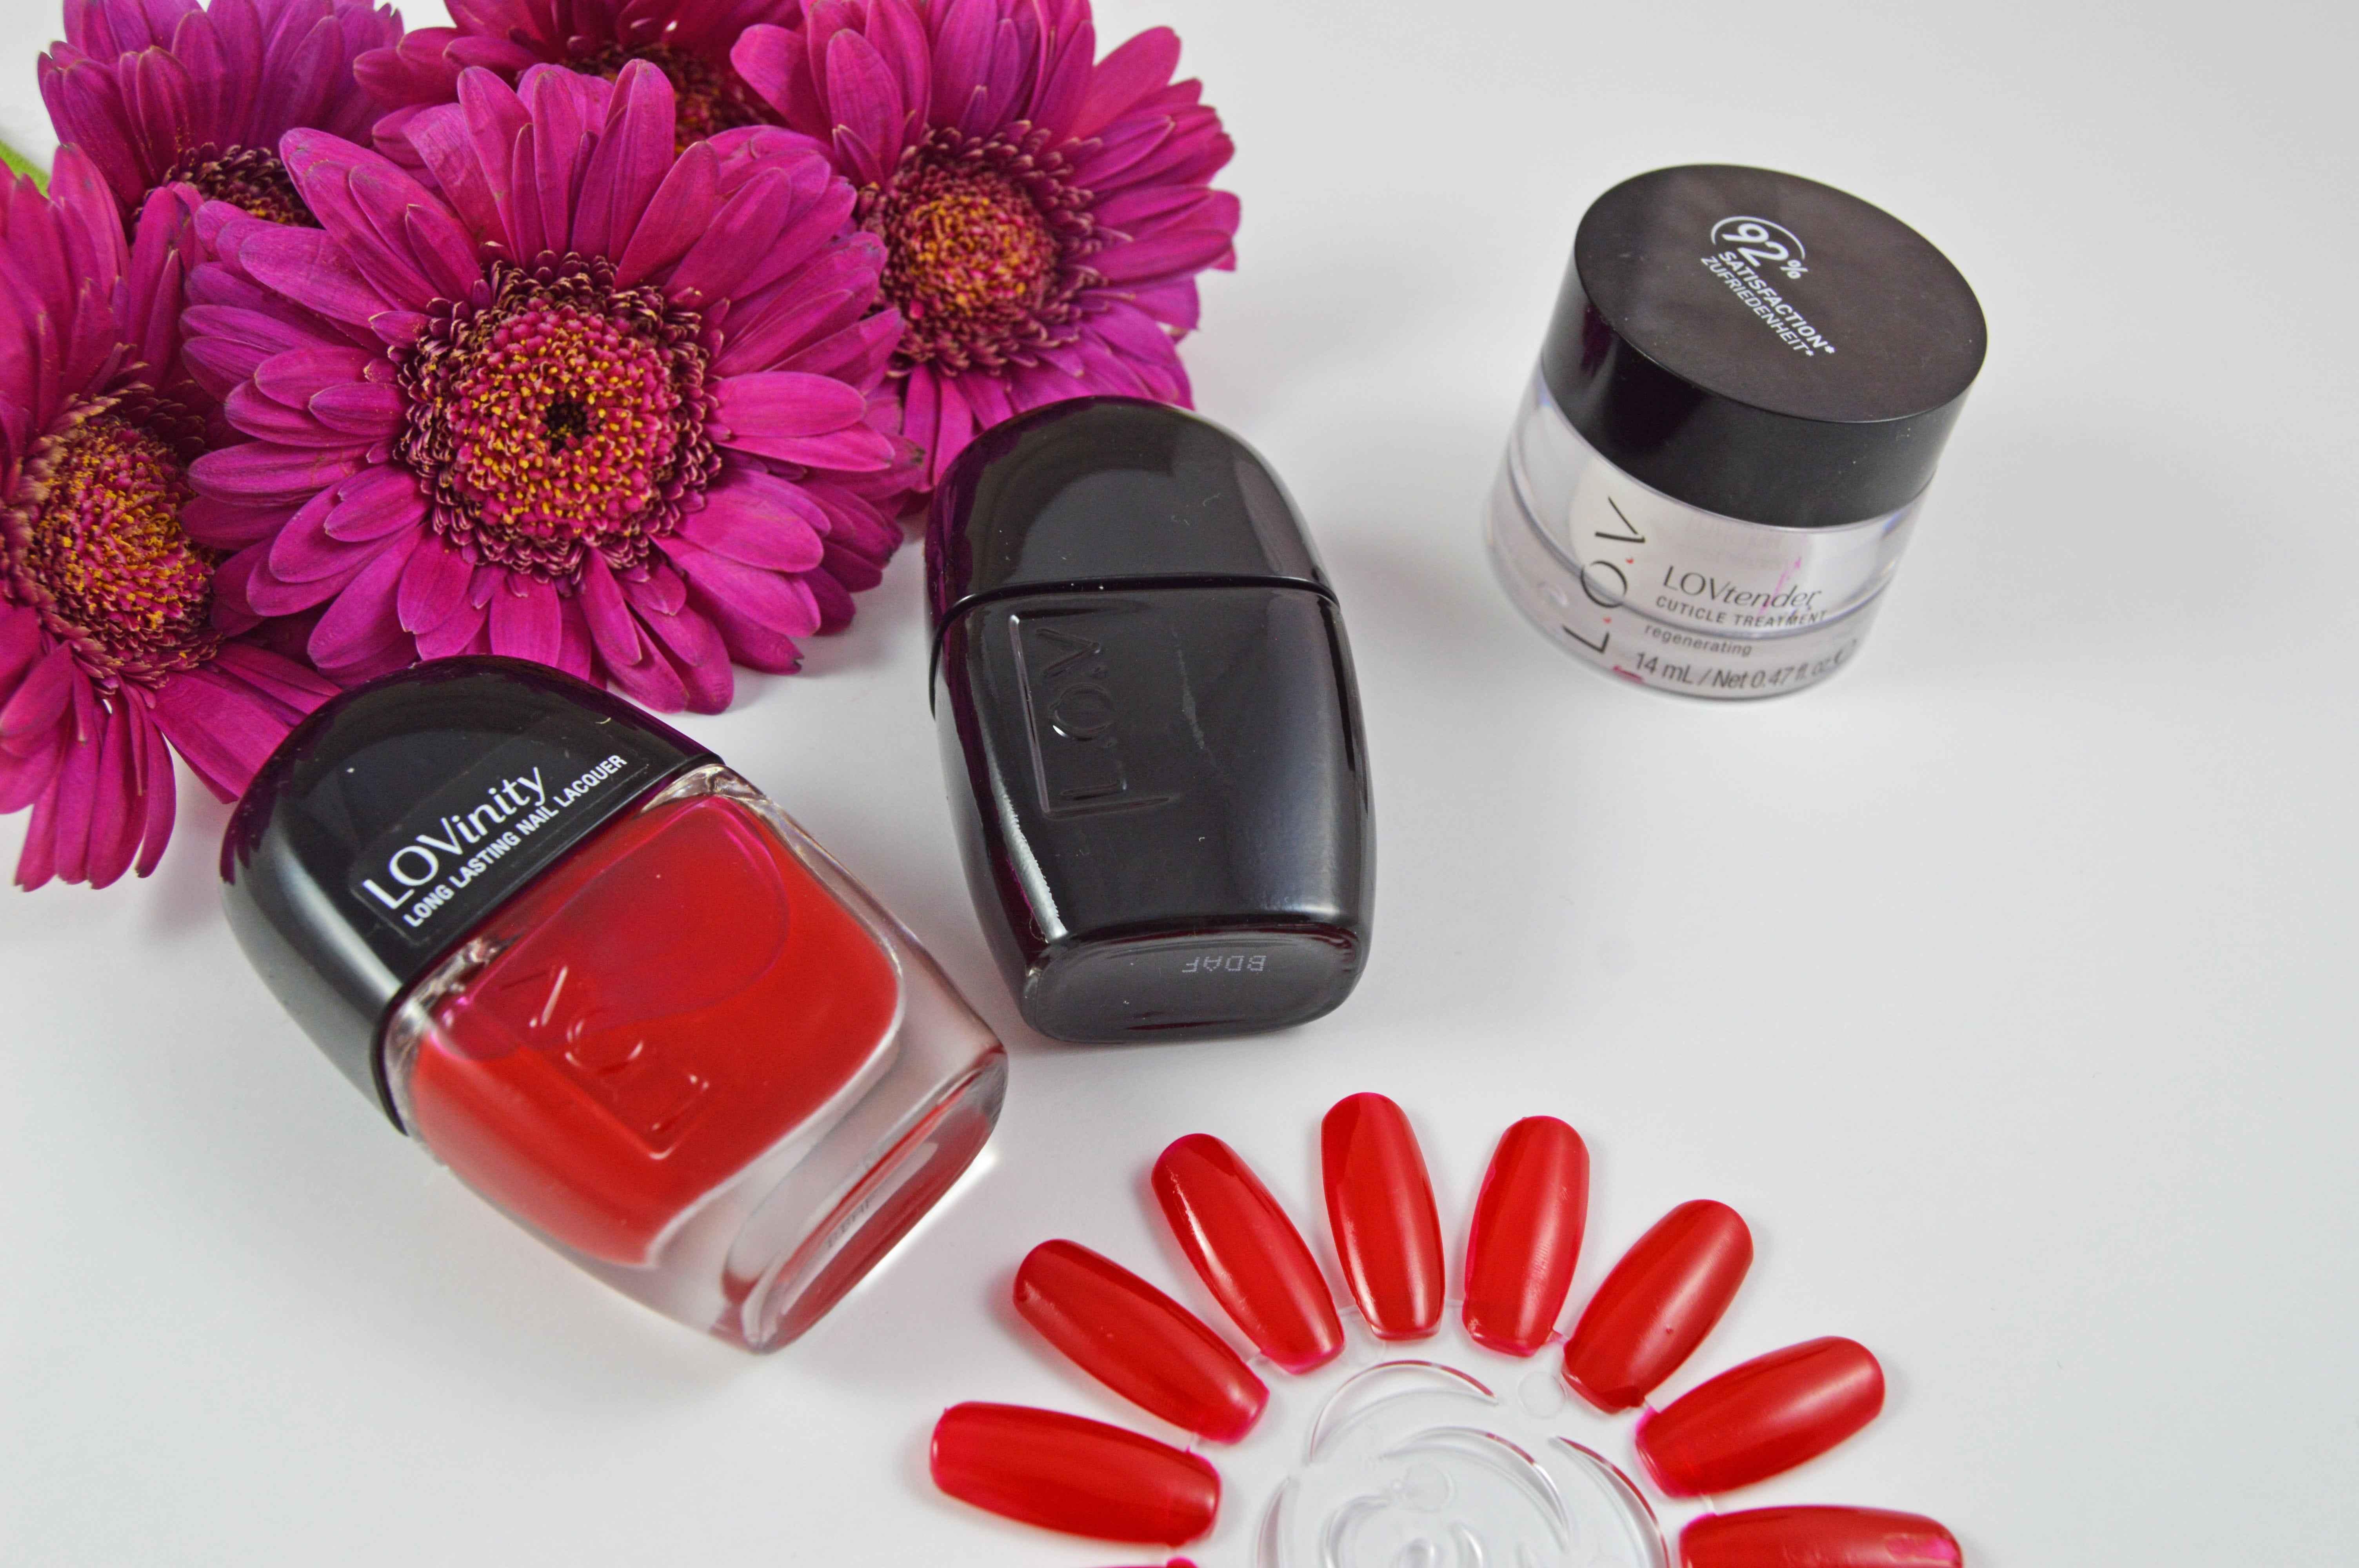 l.o.v cosmetics nail